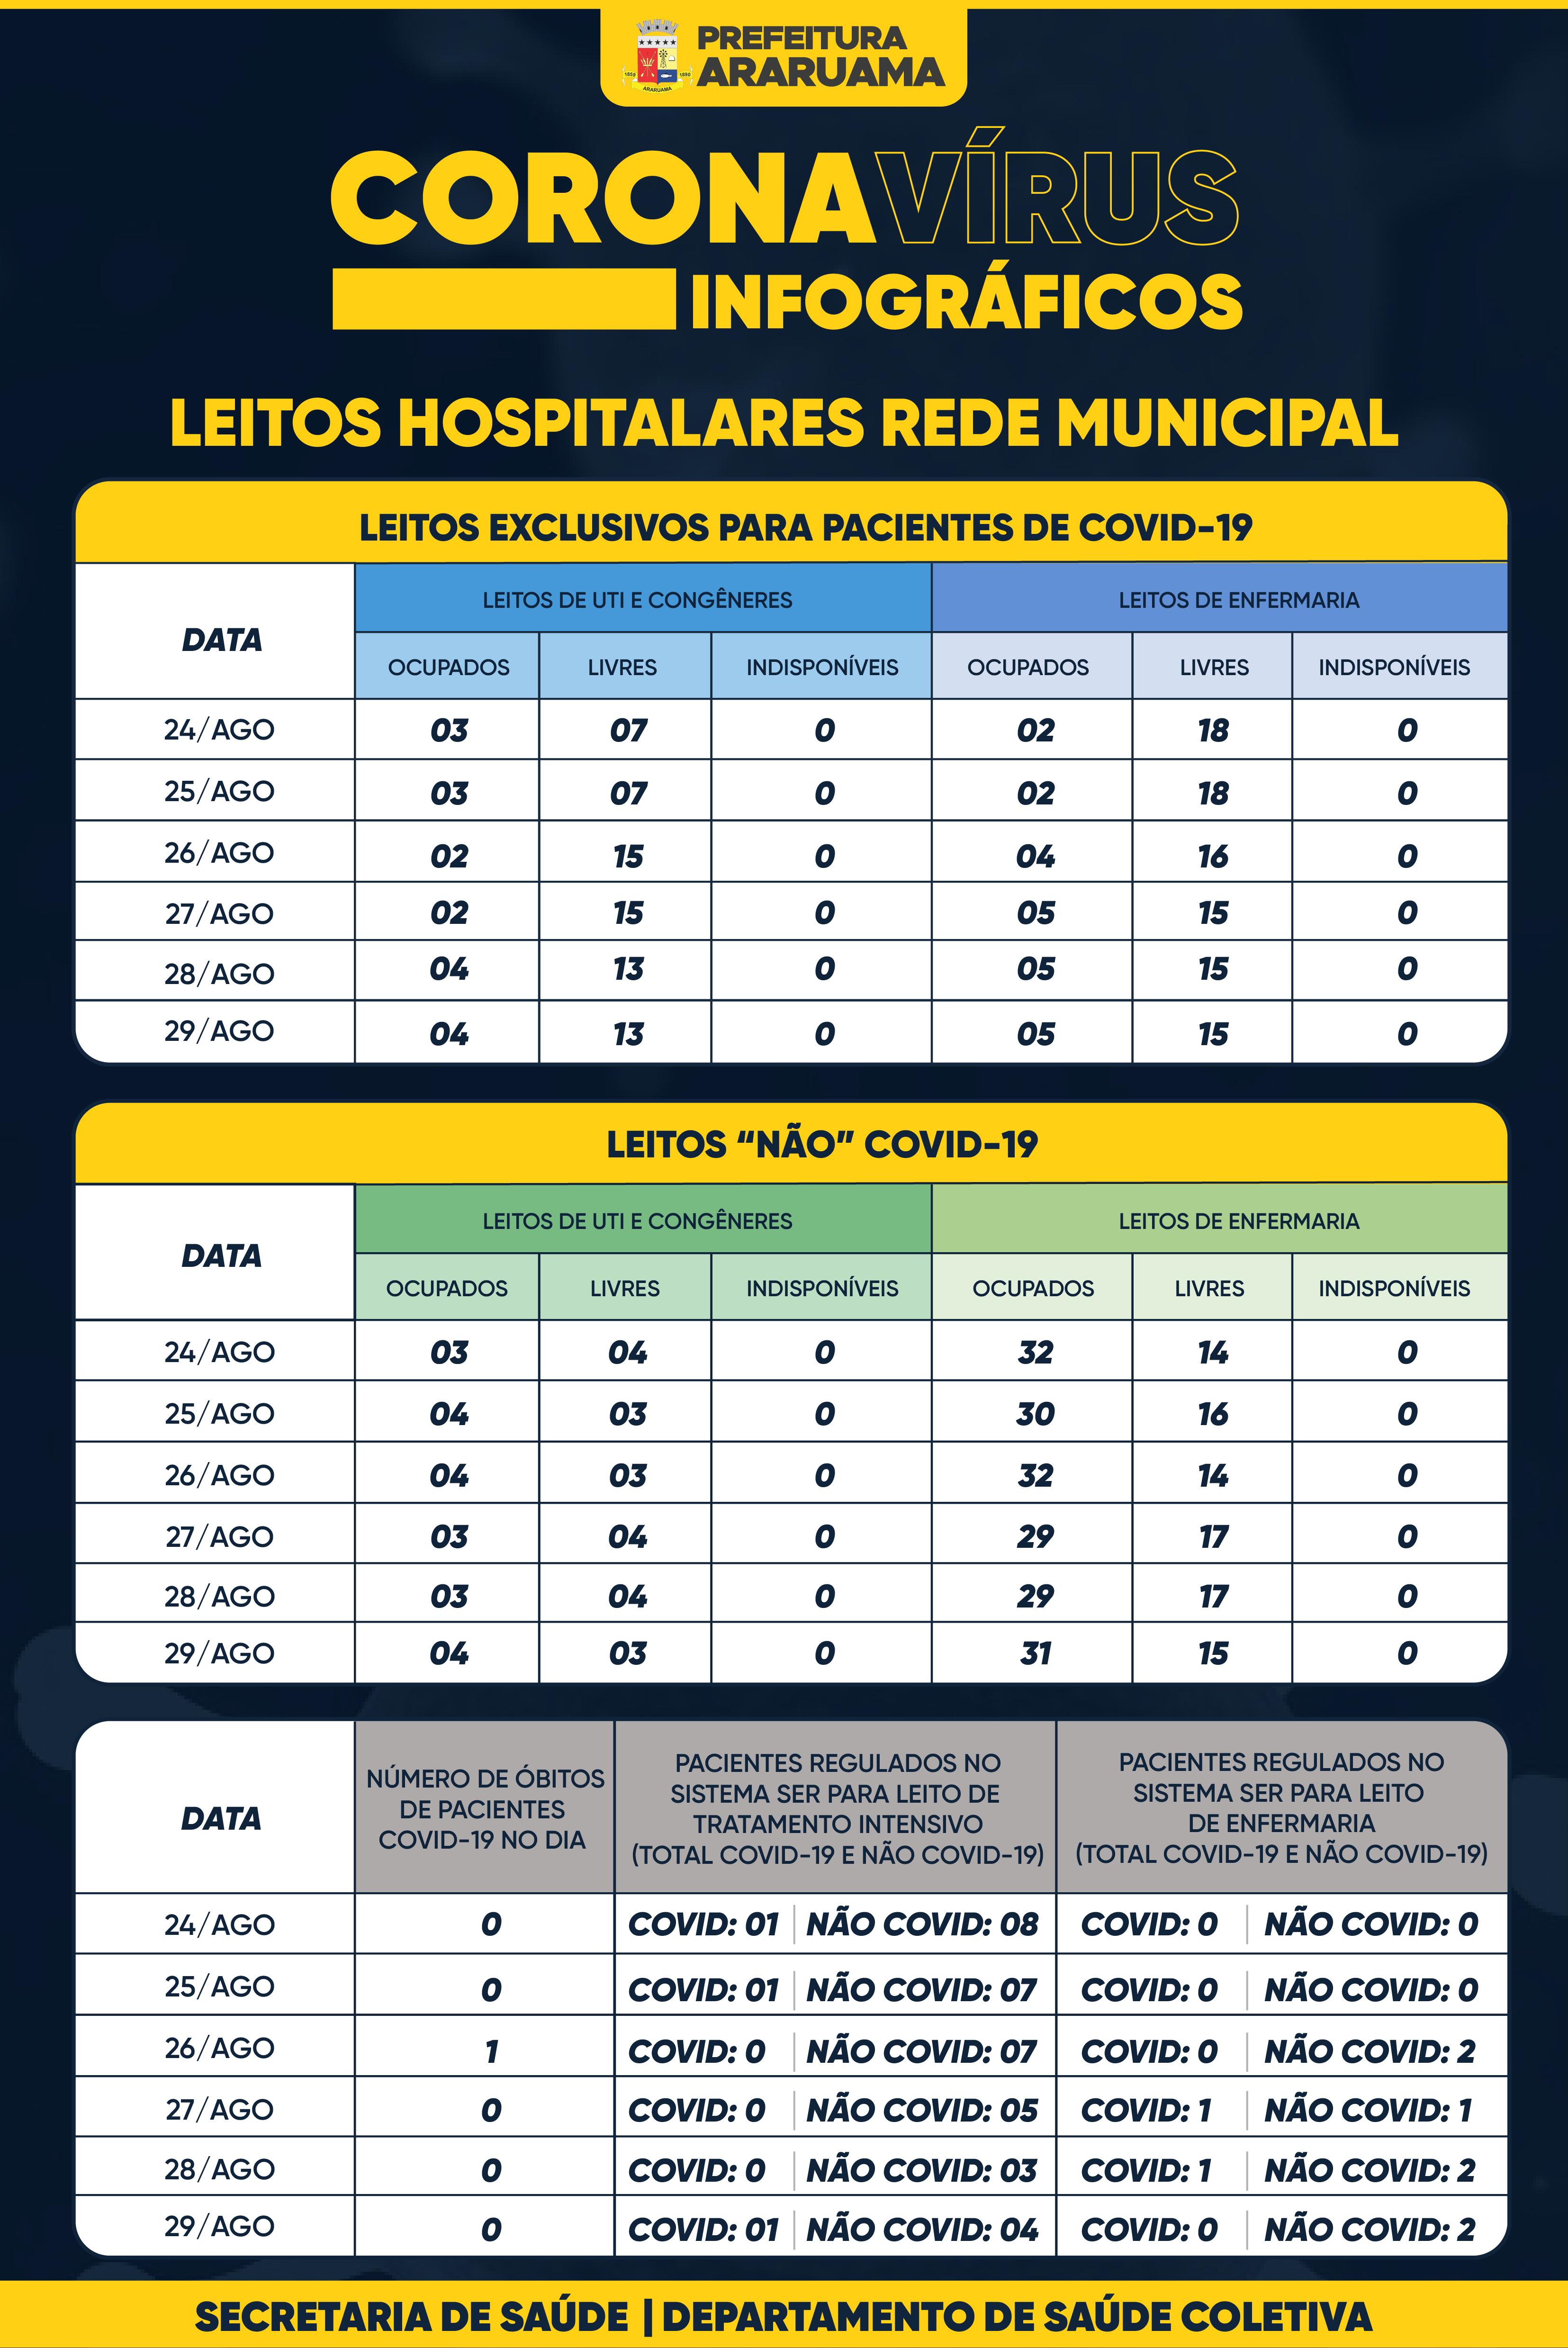 Painel de Monitoramento de Leitos COVID-19 — 29 de agosto de 2020